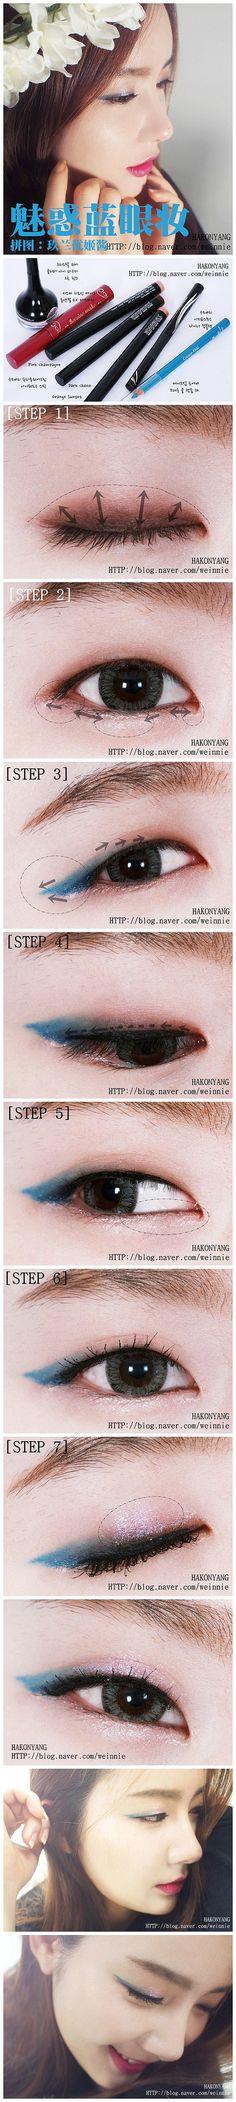 #고급스러운레이디기업가  #ClassyLadyEntrepreneur  Monolid eyeshadow tutorial.    ✨www.SkincareInKorea.info ✨www.DebbieKrug.org